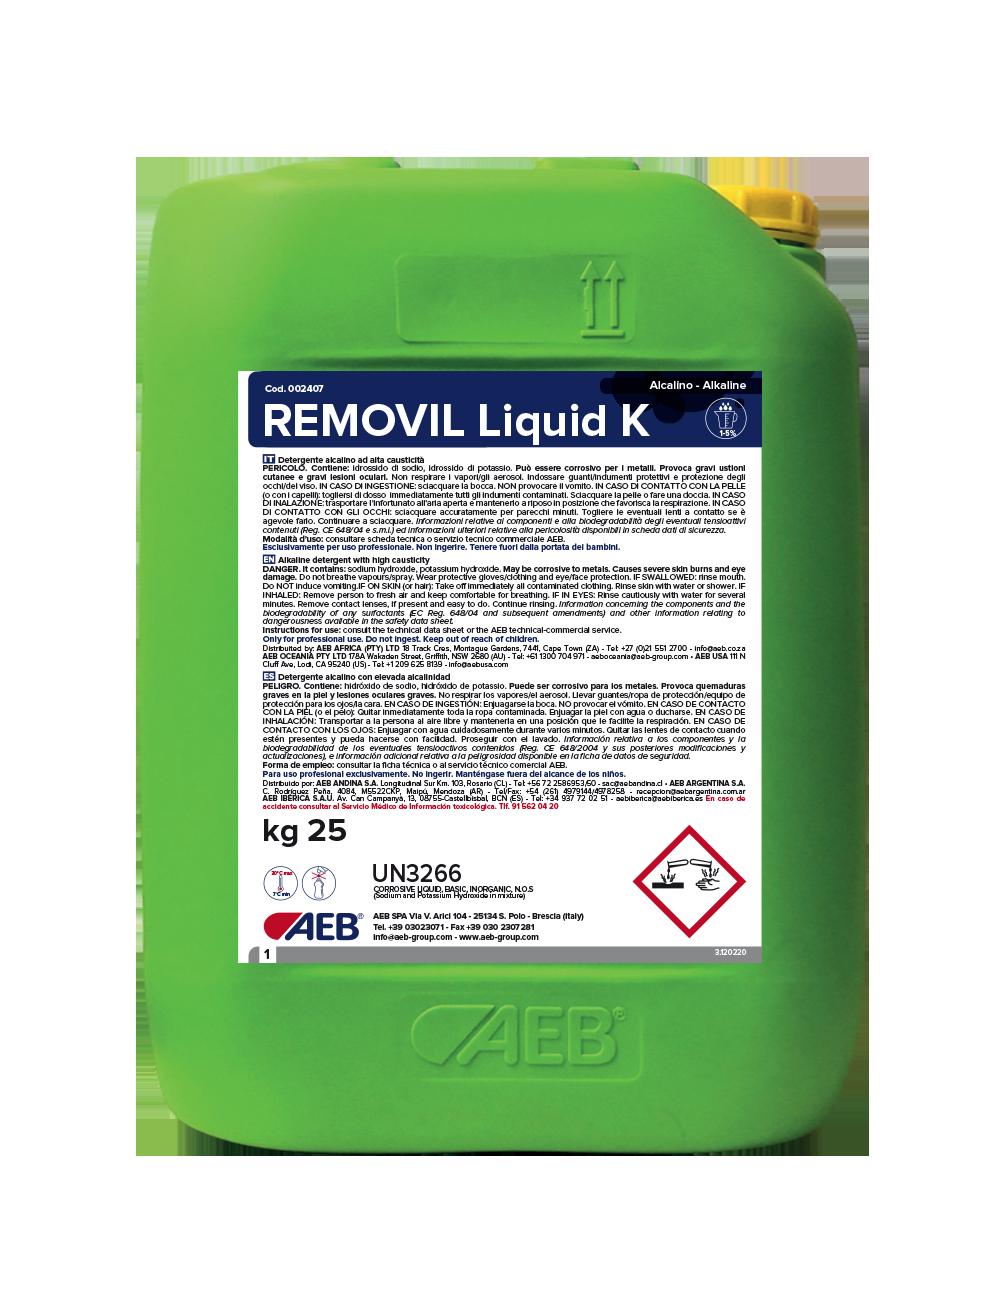 REMOVIL Liquid K